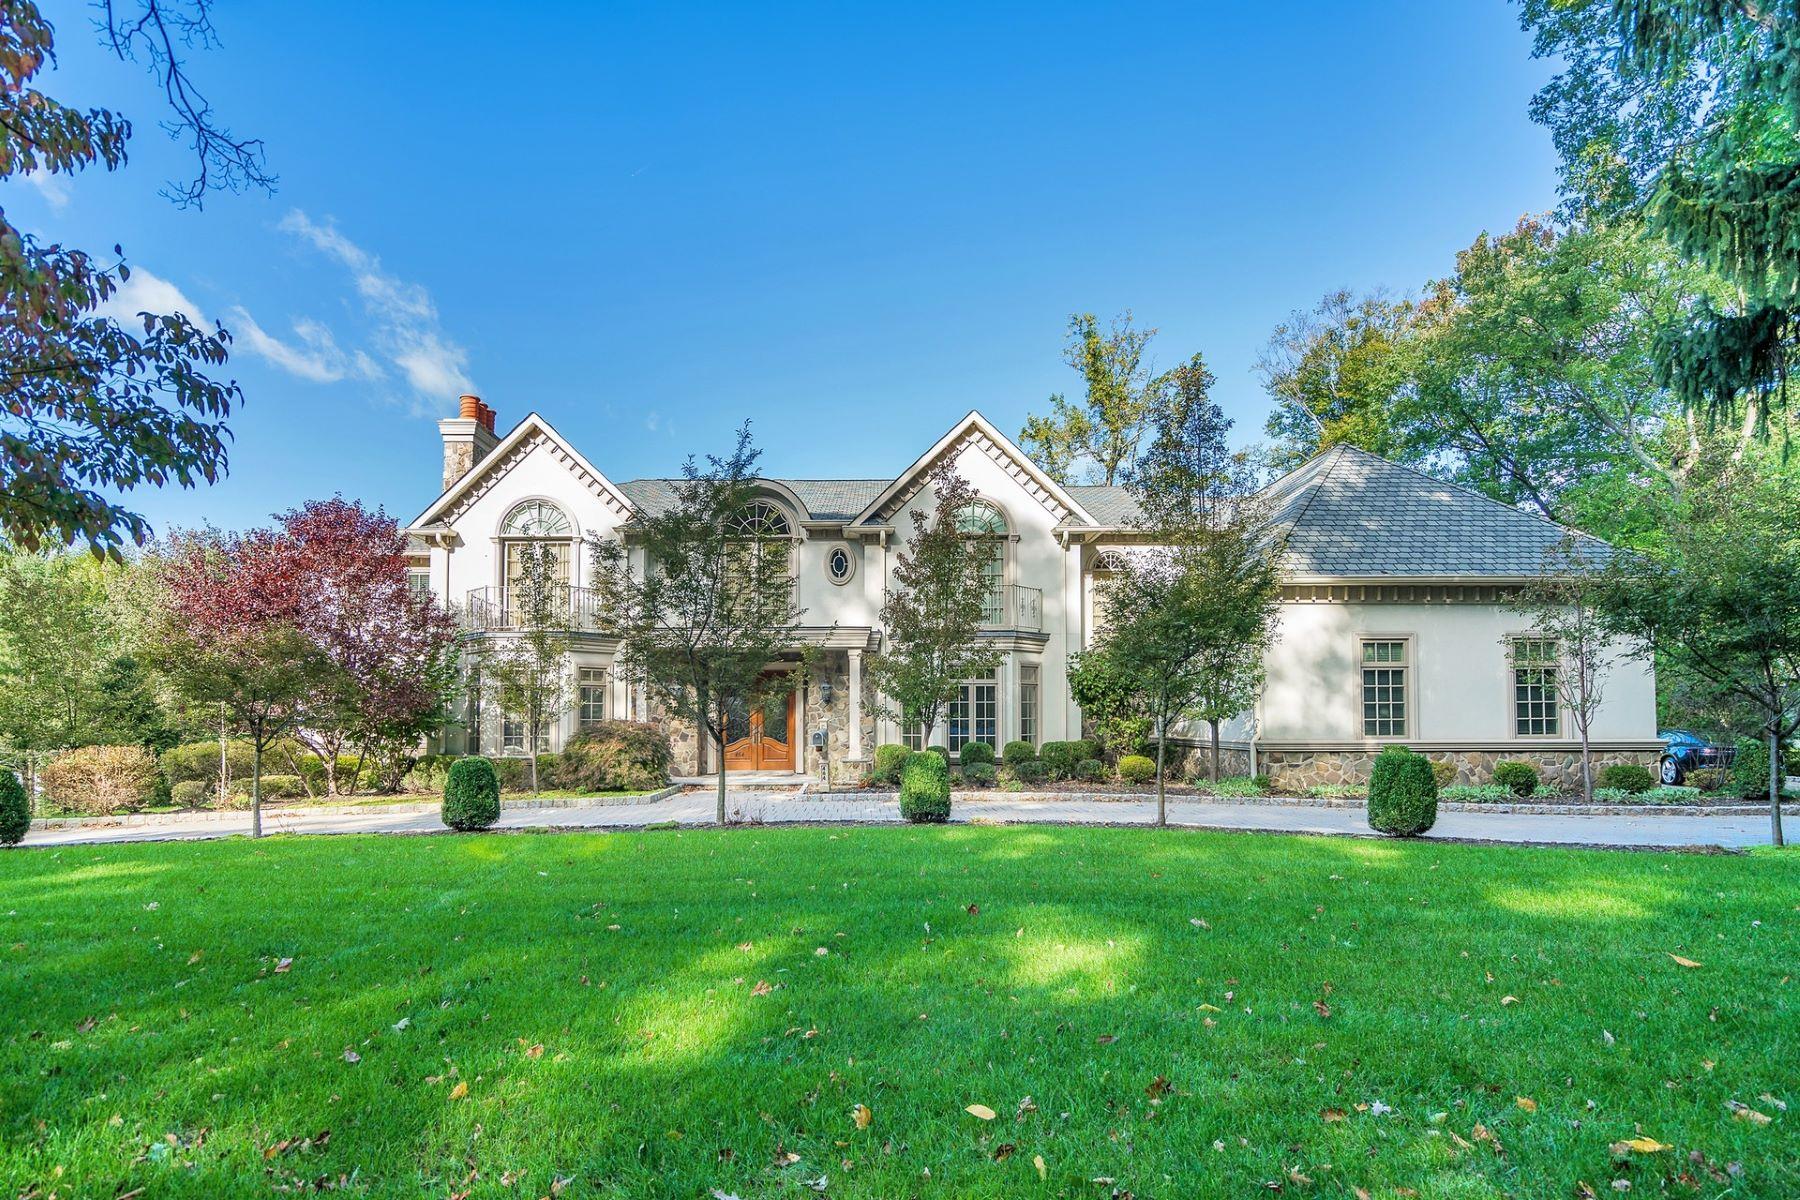 Частный односемейный дом для того Продажа на Prime East Hill 464 Elkwood Ter, Englewood, Нью-Джерси 07631 Соединенные Штаты